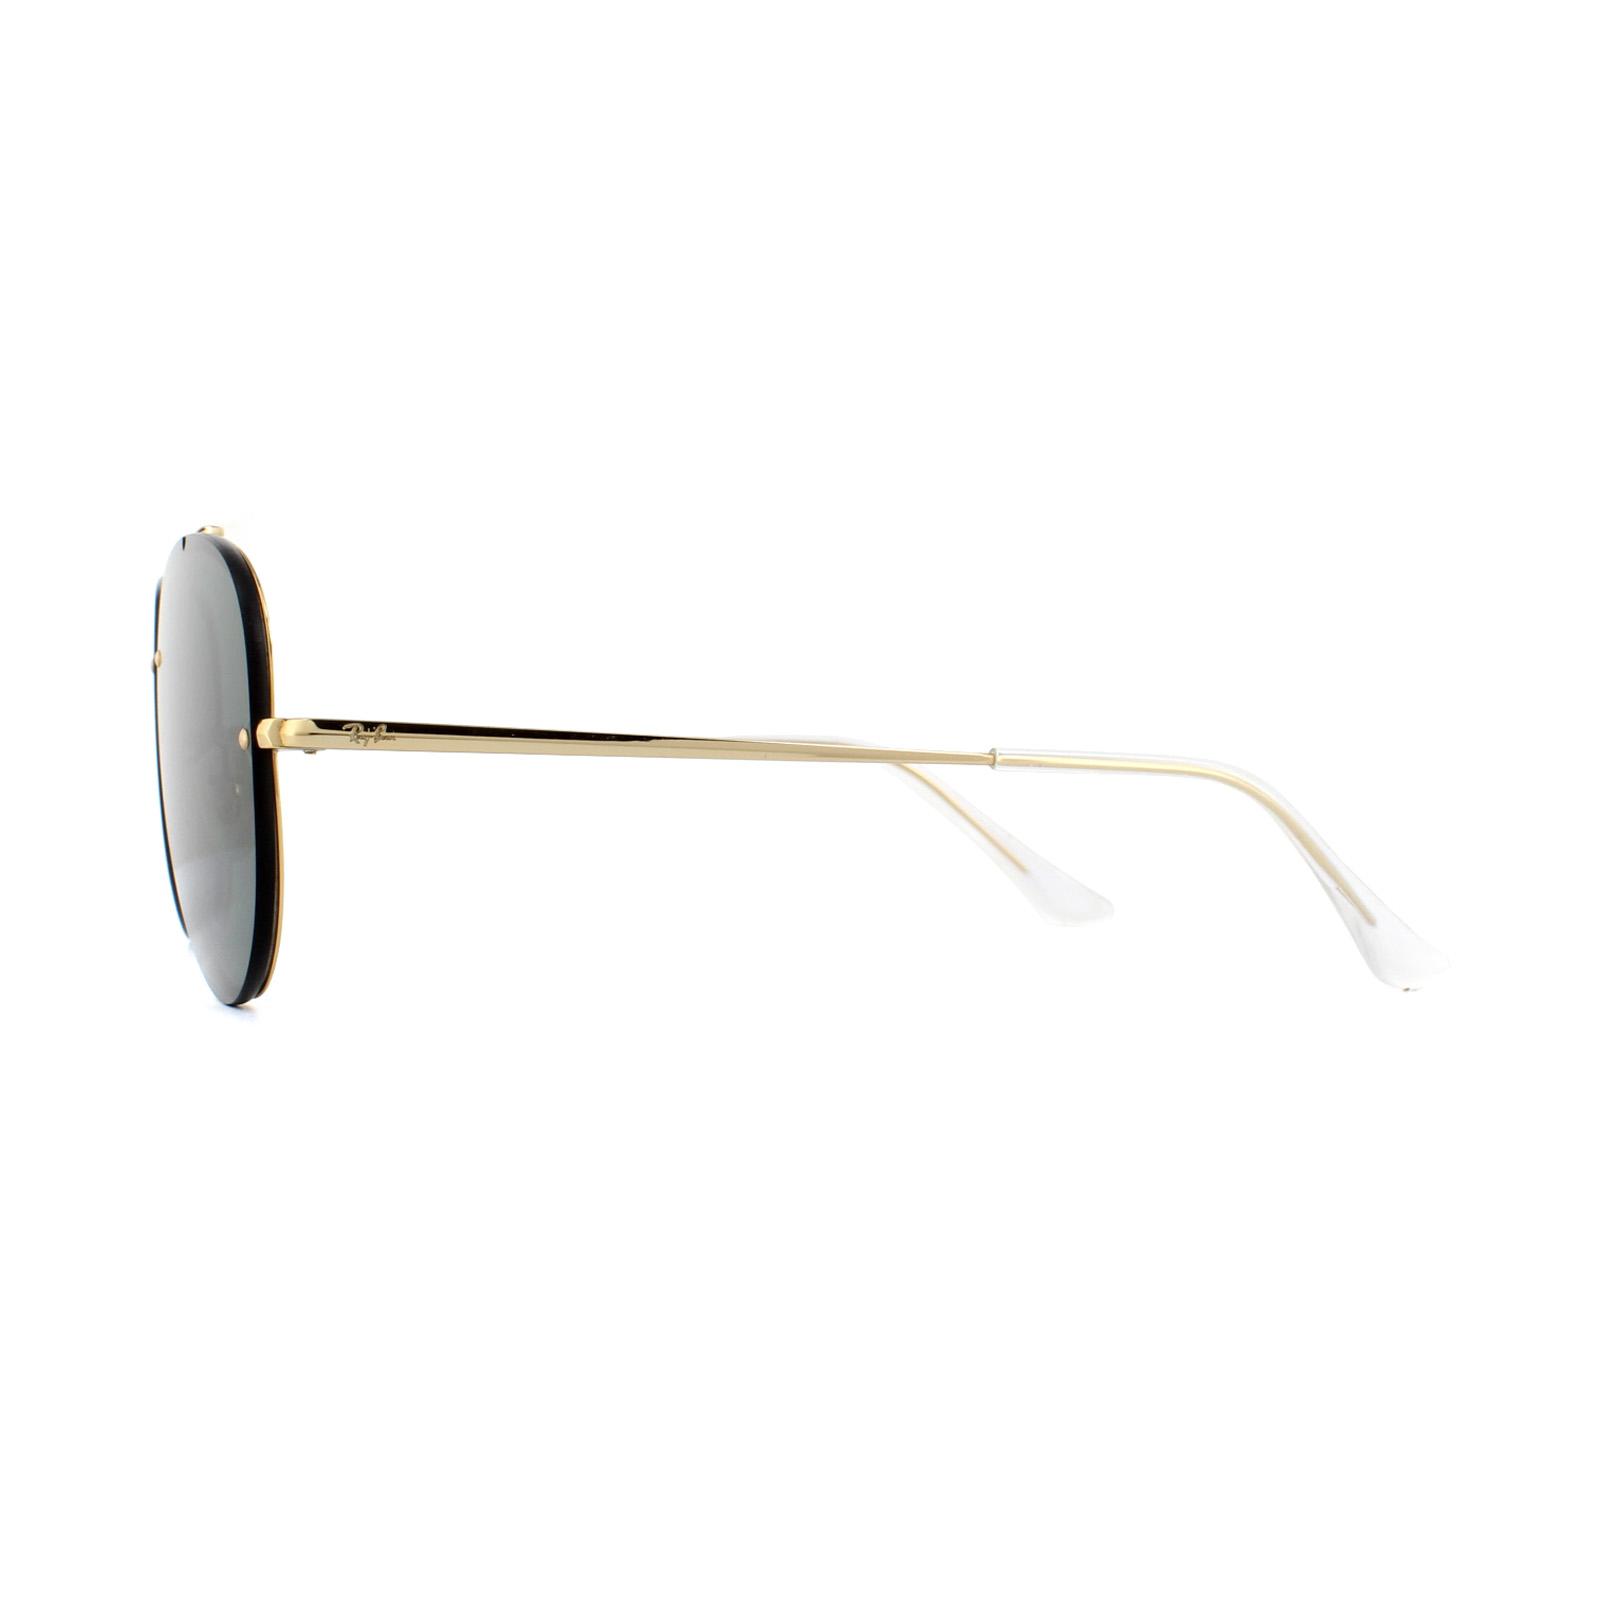 2e98f9c04d877 SENTINEL Fiammata di occhiali da sole Ray-Ban Aviator 3584N 905071 oro  scuro verde 58mm